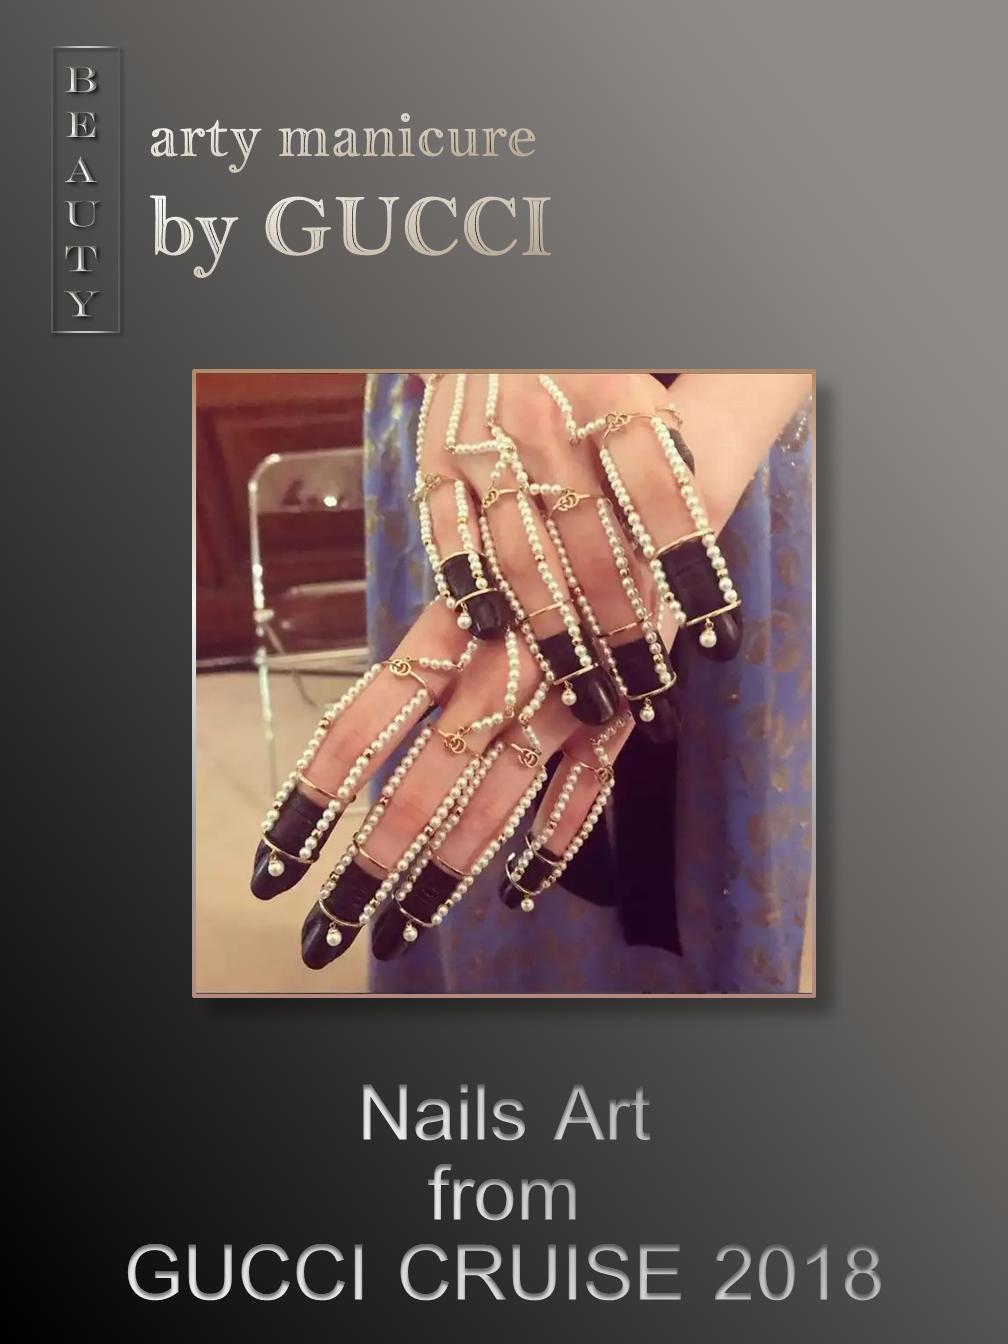 GUCCI Manicure